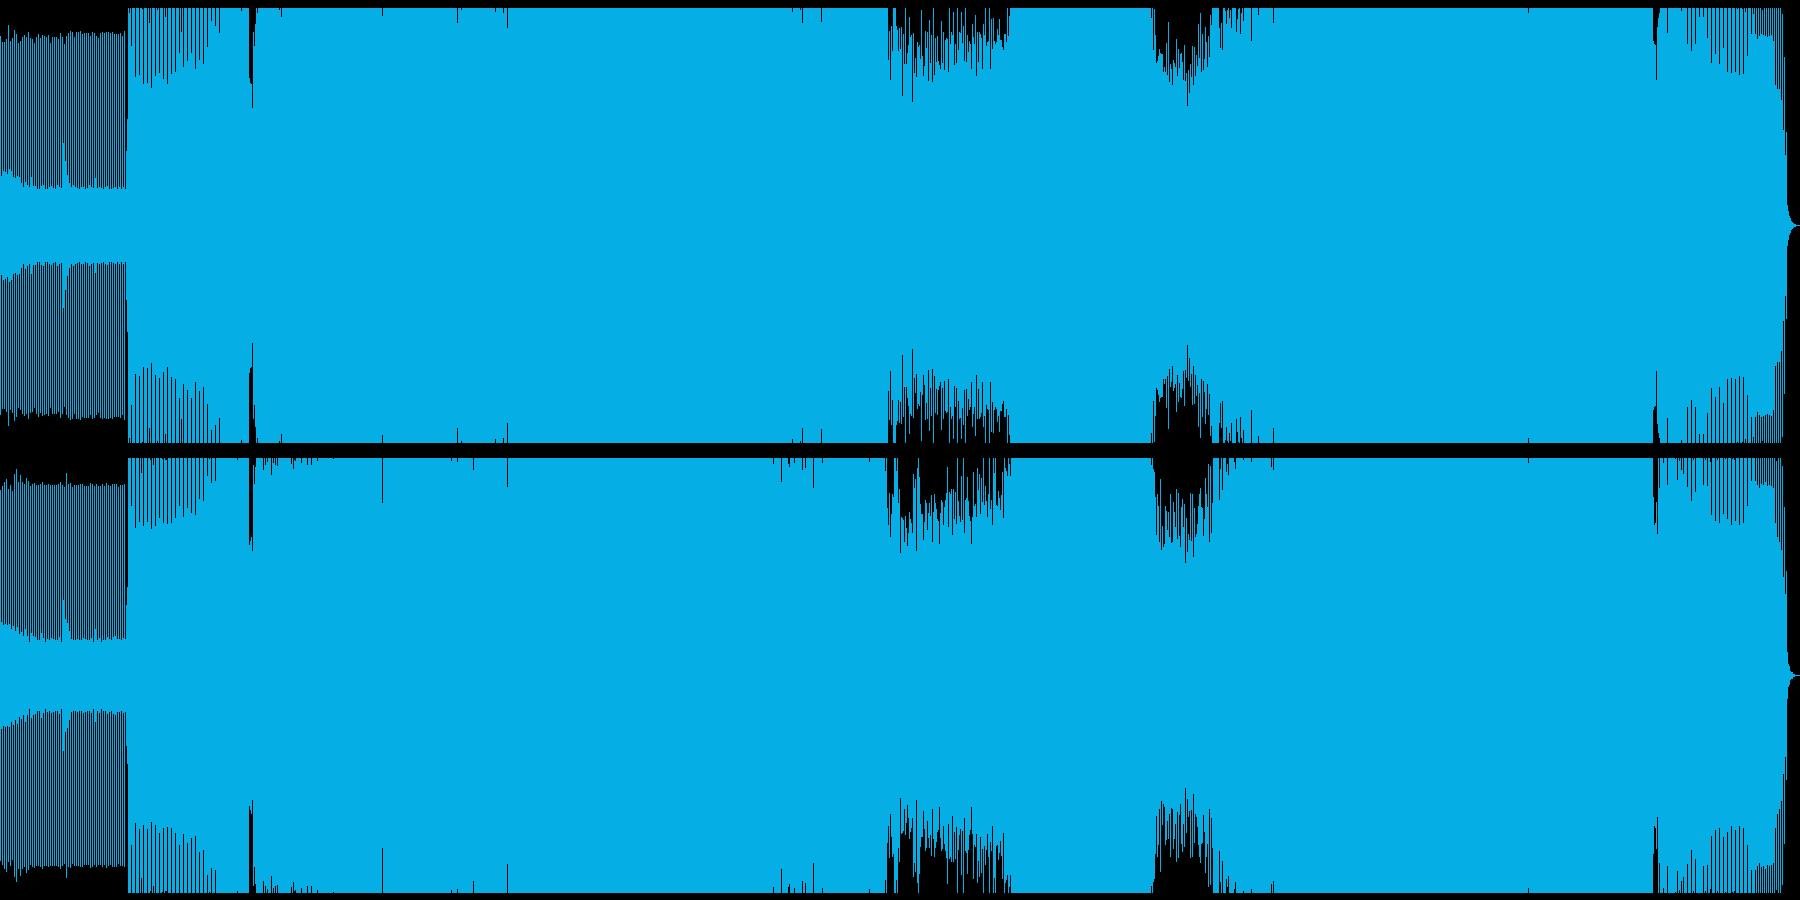 クラブ/プログレッシブハウスの再生済みの波形